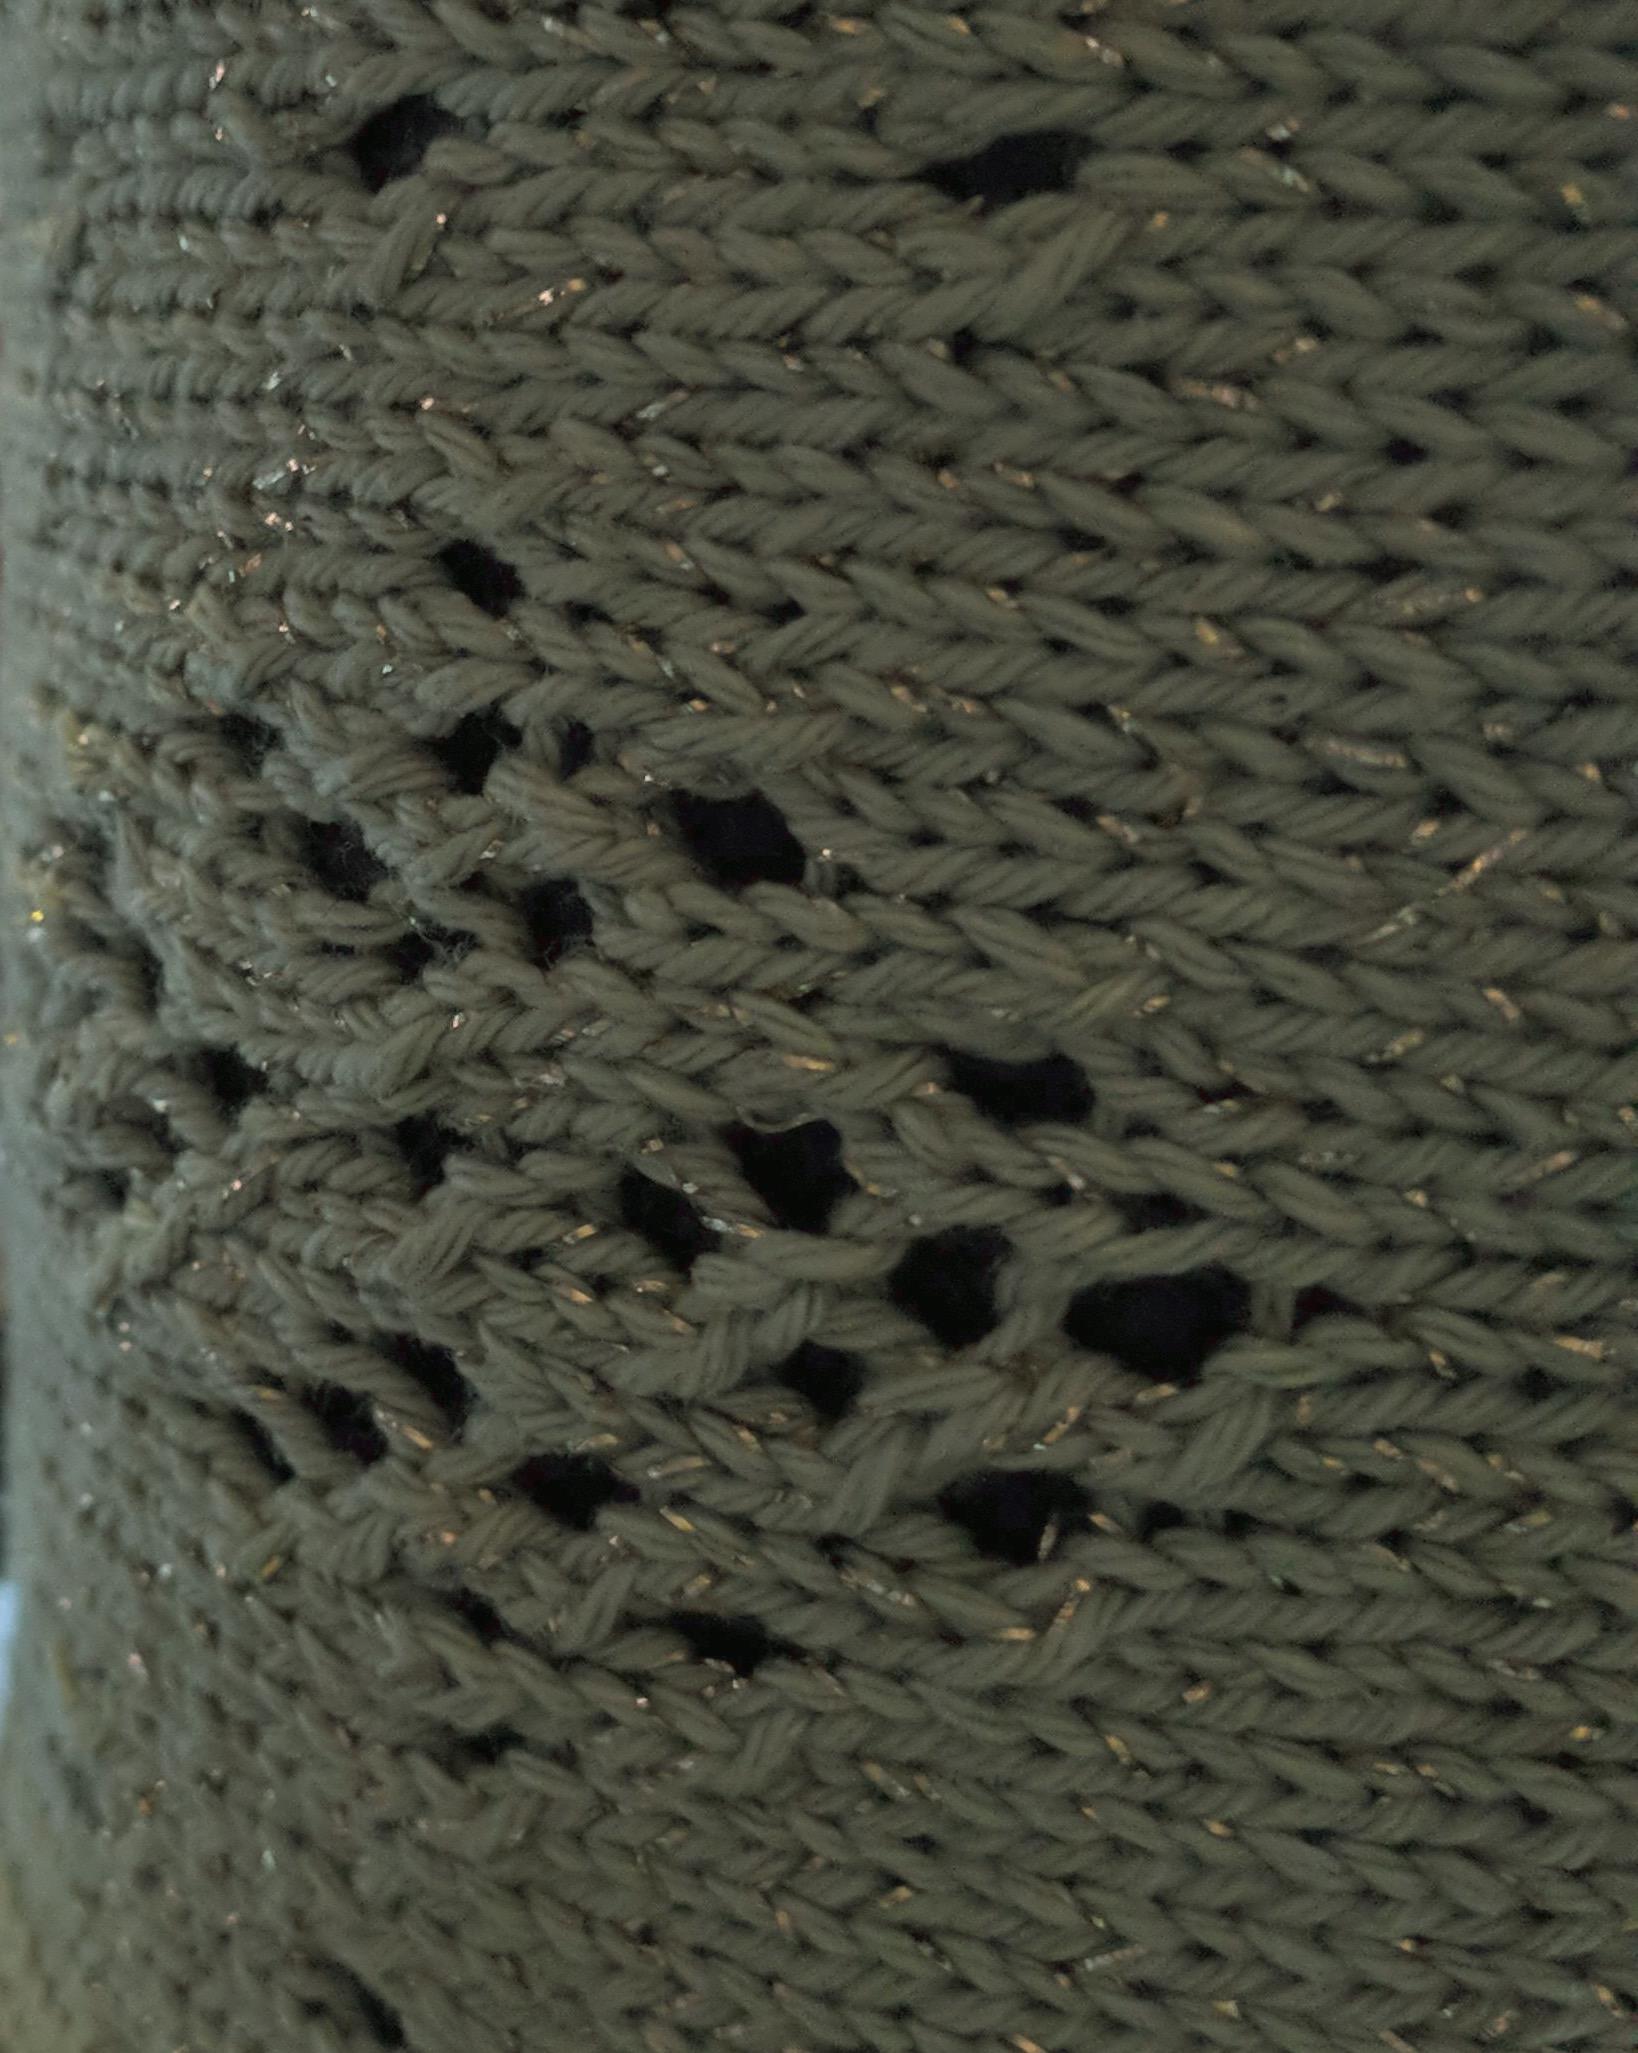 Knitted potwrap